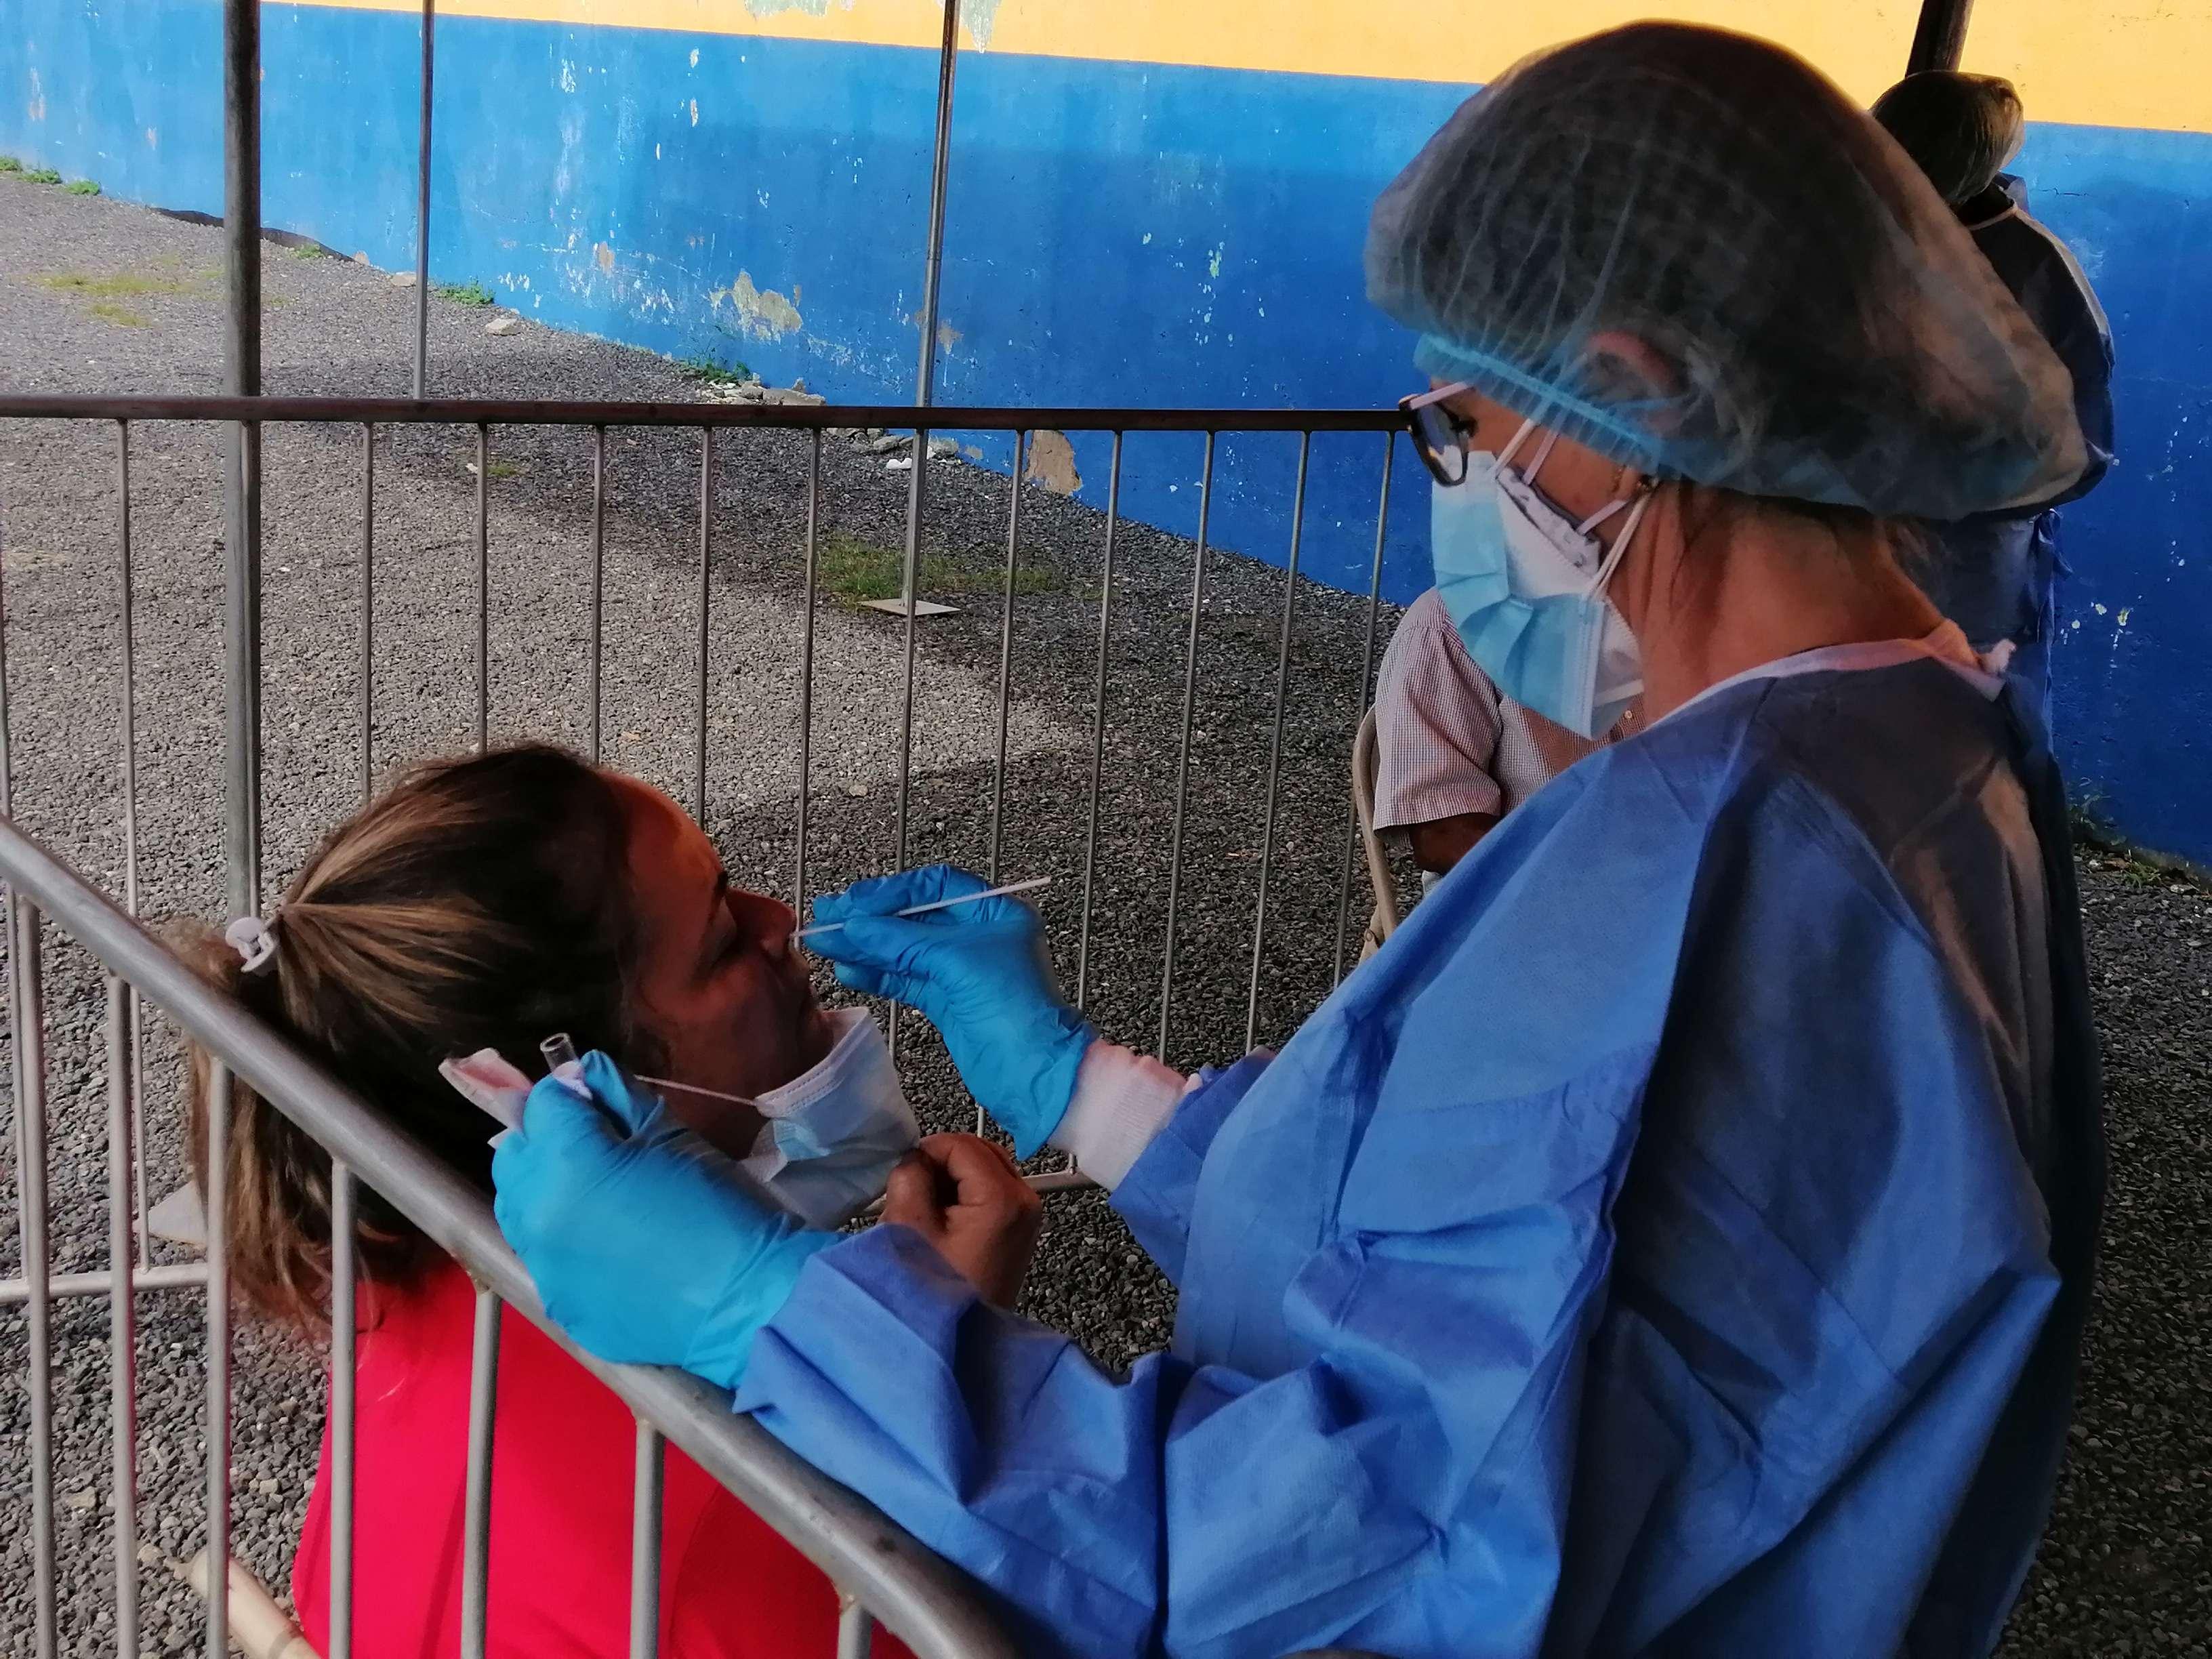 Se mantiene la búsqueda de casos asintomáticos, ante el aumento de las personas vacunadas.